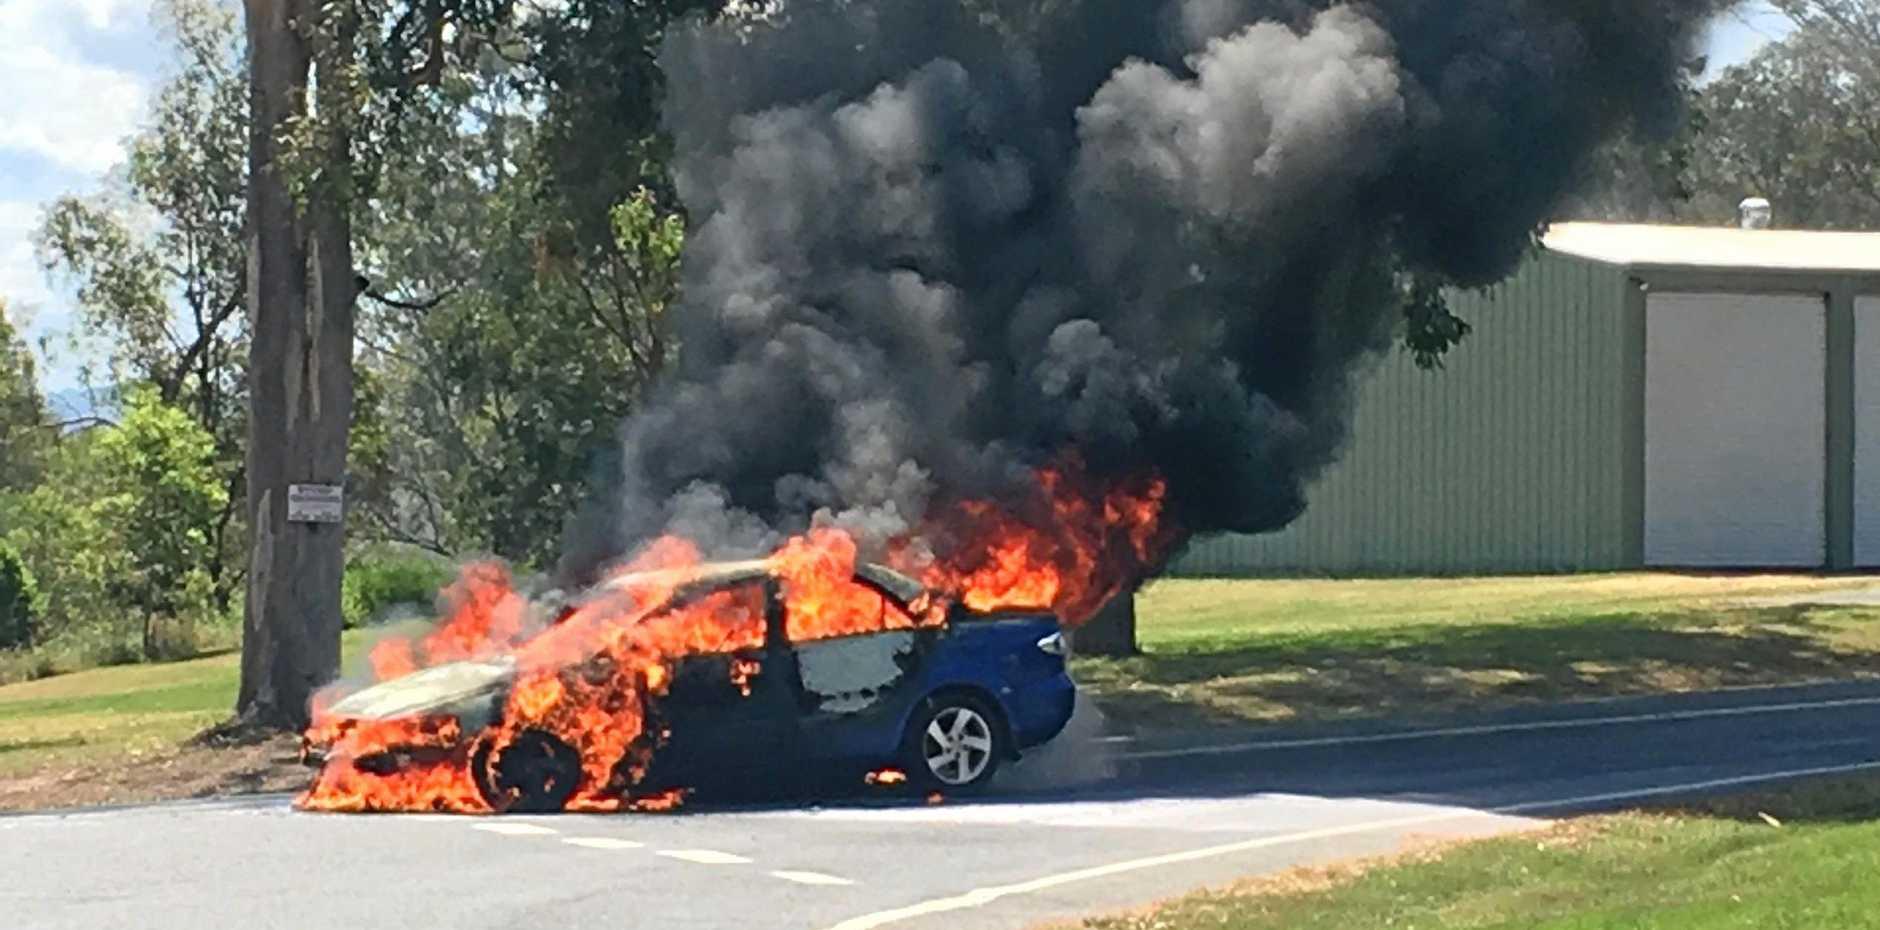 A car burns at Pie Creek